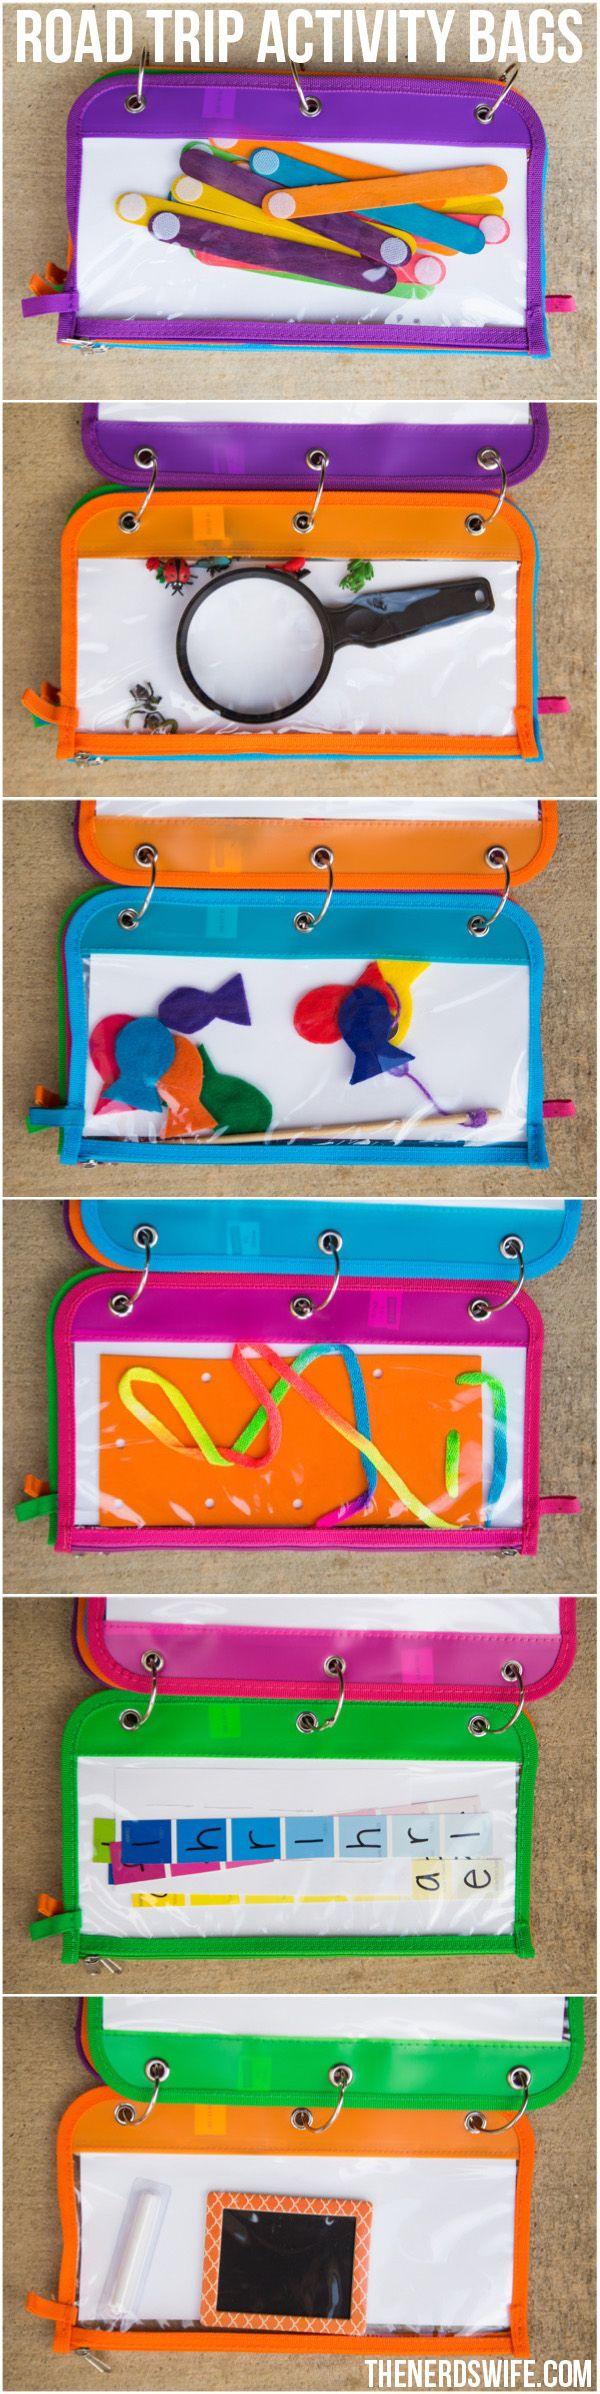 road trip activity bag ideas creative ideas for summer pinterest autofahrt spielideen und. Black Bedroom Furniture Sets. Home Design Ideas